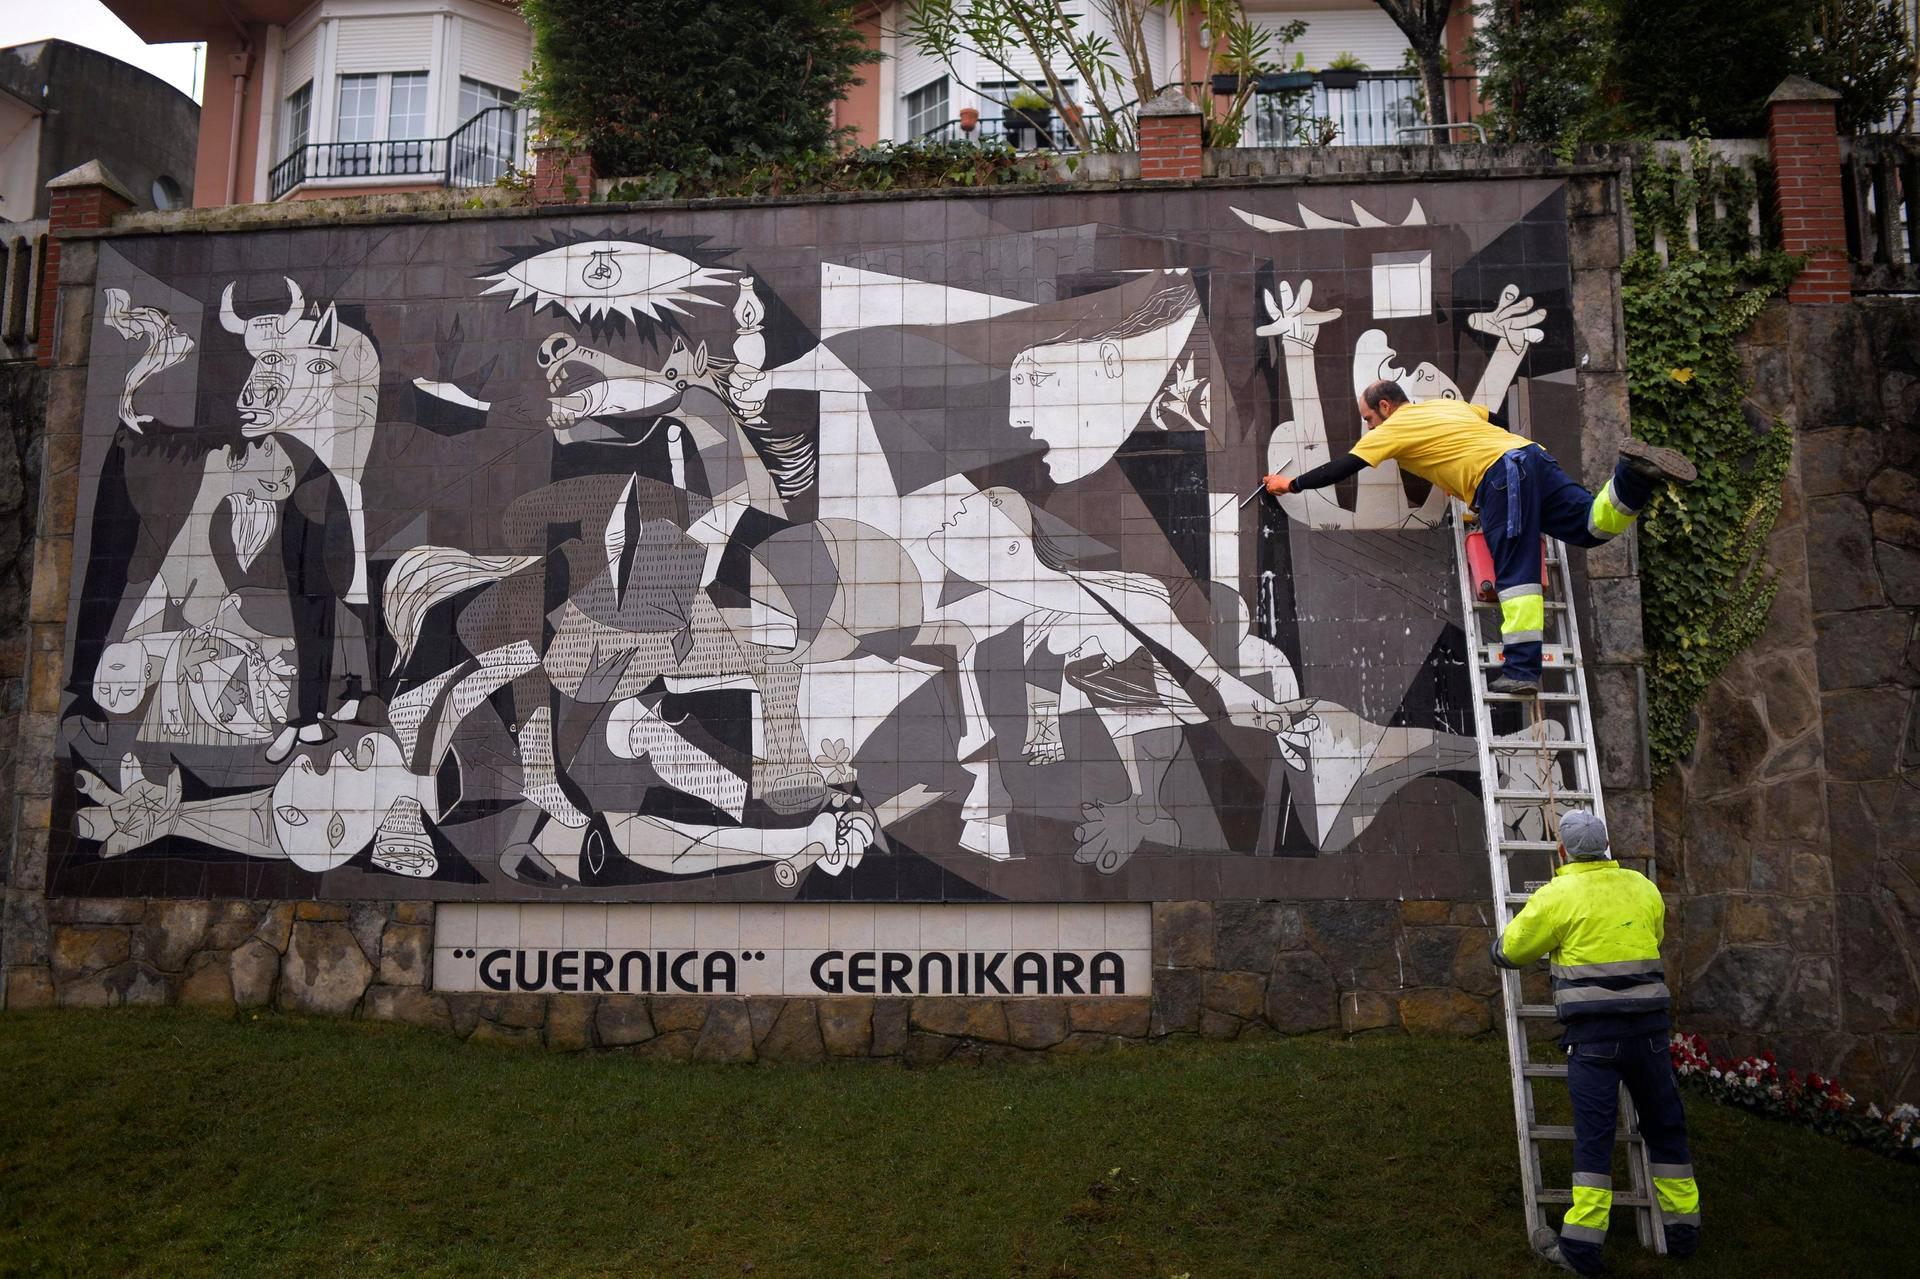 Guernica-maalausta jäljittelevää keramiikkatyötä puhdistetaan Guernican pikkukaupungissa Espanjan Baskimaassa. Pablo Picasso maalasi alkuperäisen Guernican kahdeksankymmentä vuotta sitten.